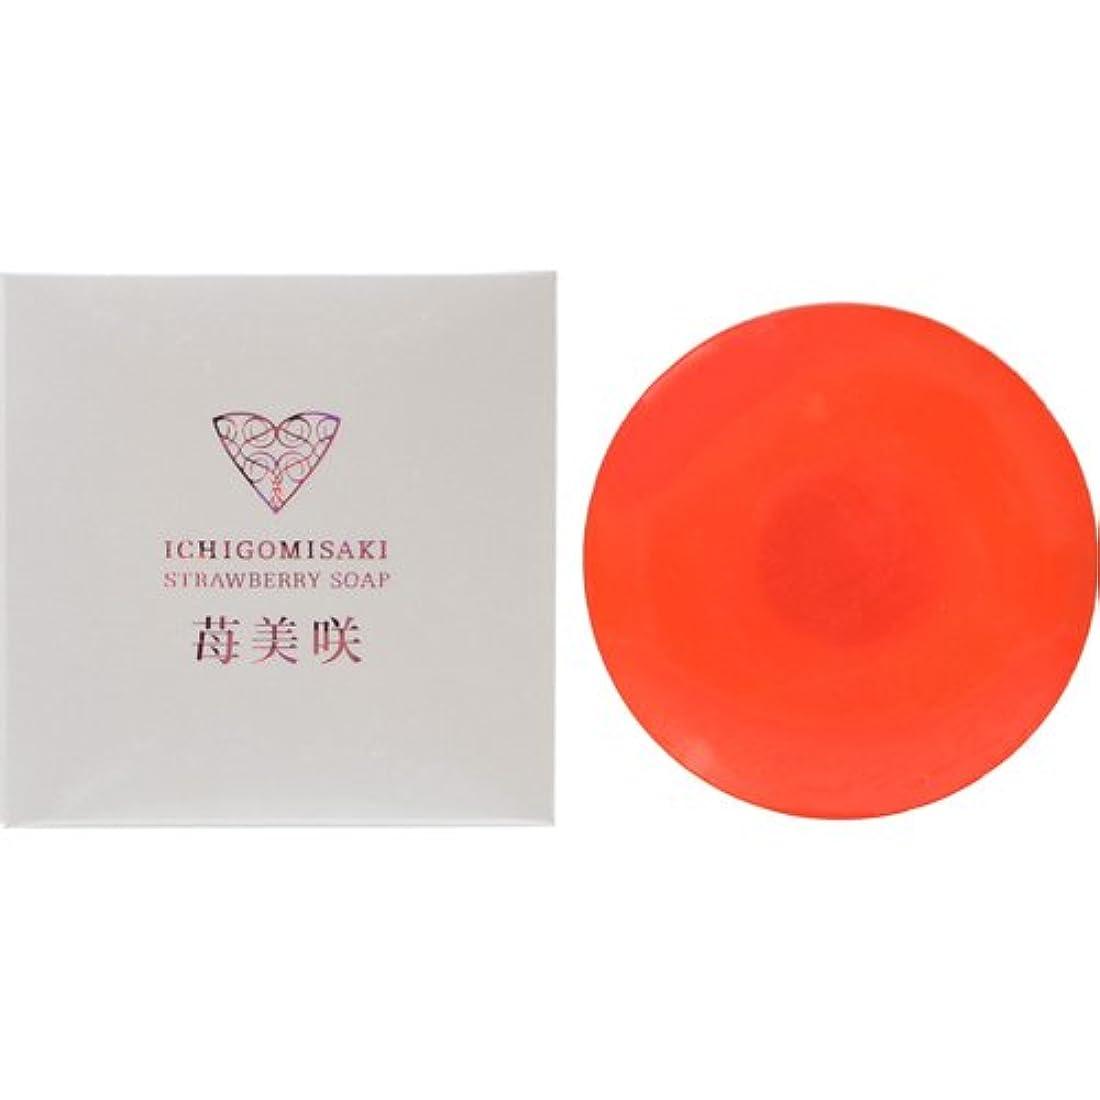 保証金スキム符号アクト化成 苺美咲 洗顔石鹸 100g